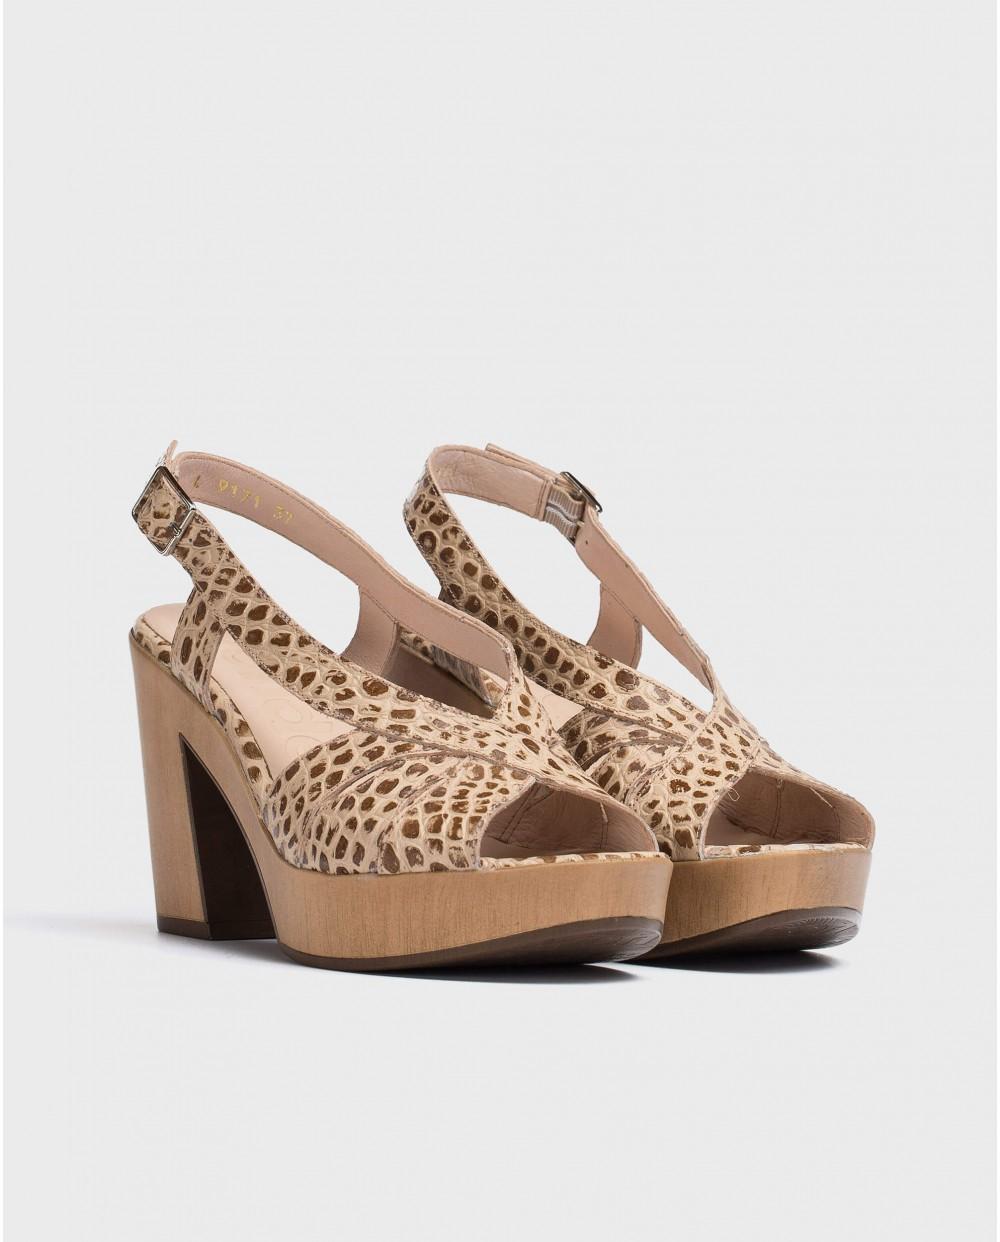 Wonders-Tacones-Sandalia plataforma peep-toes